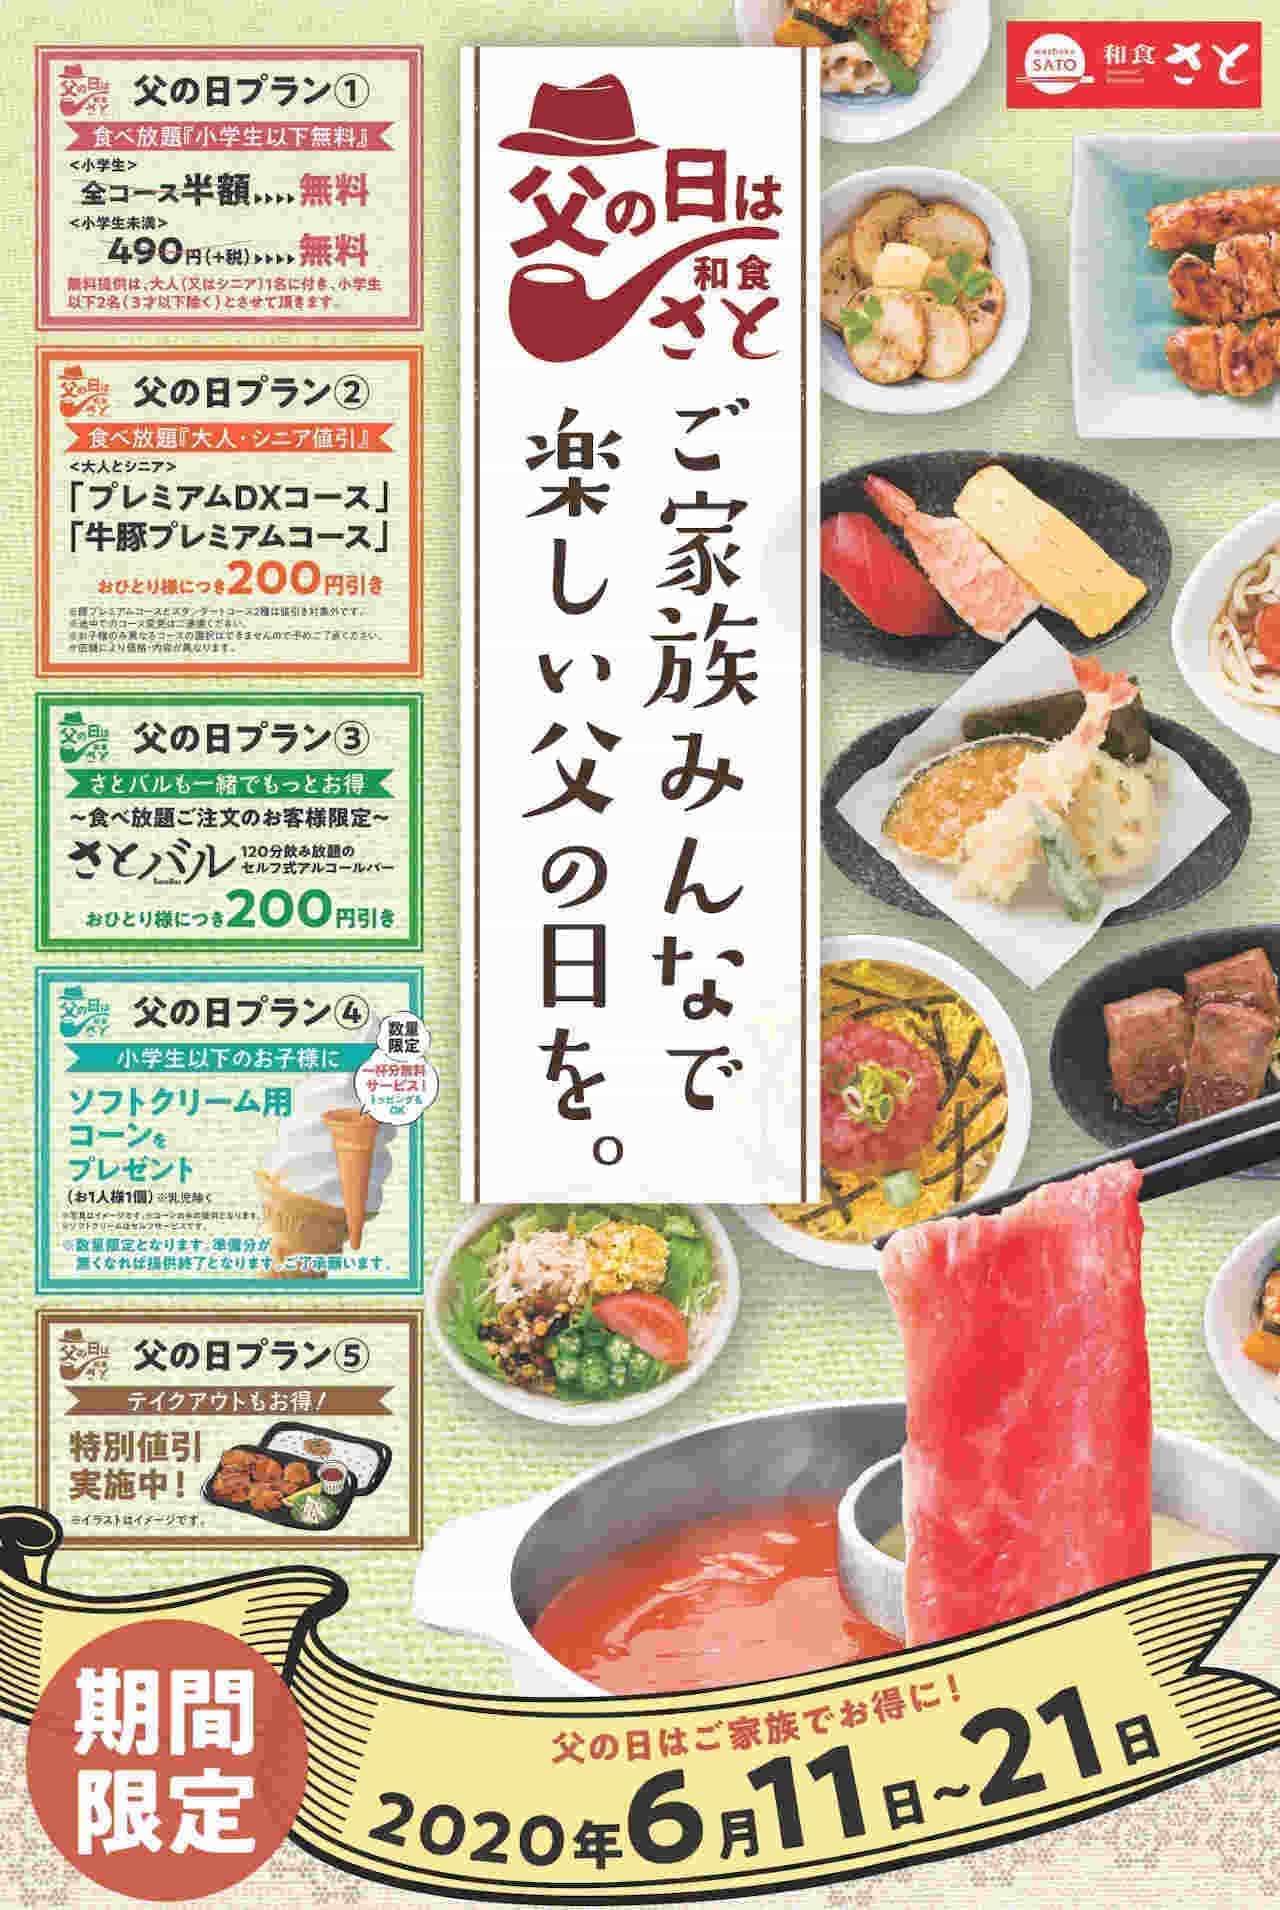 和食さと「父の日特別キャンペーン」